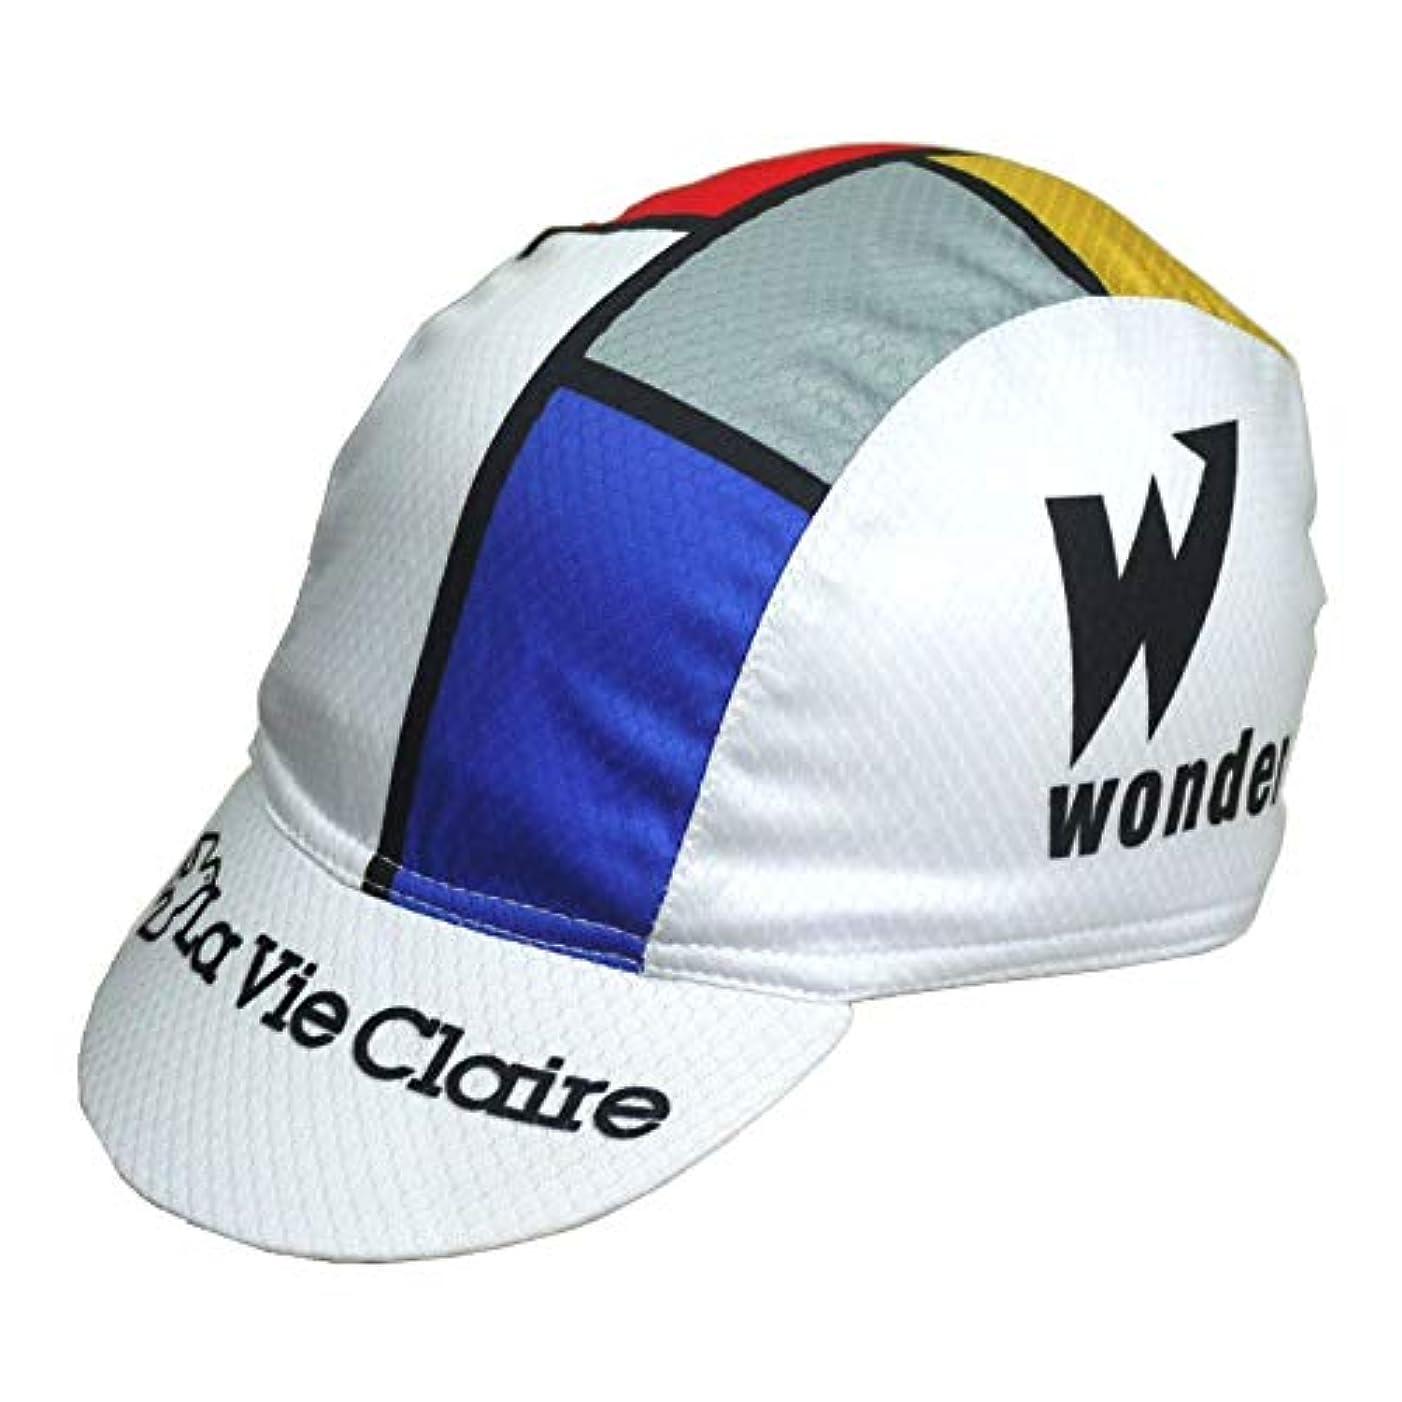 エネルギー霧入手しますサイクリング キャップ レトロデザイン No3 フランス メンズ レディース クールマックス仕様 自転車 MTB 帽子 ロードバイク